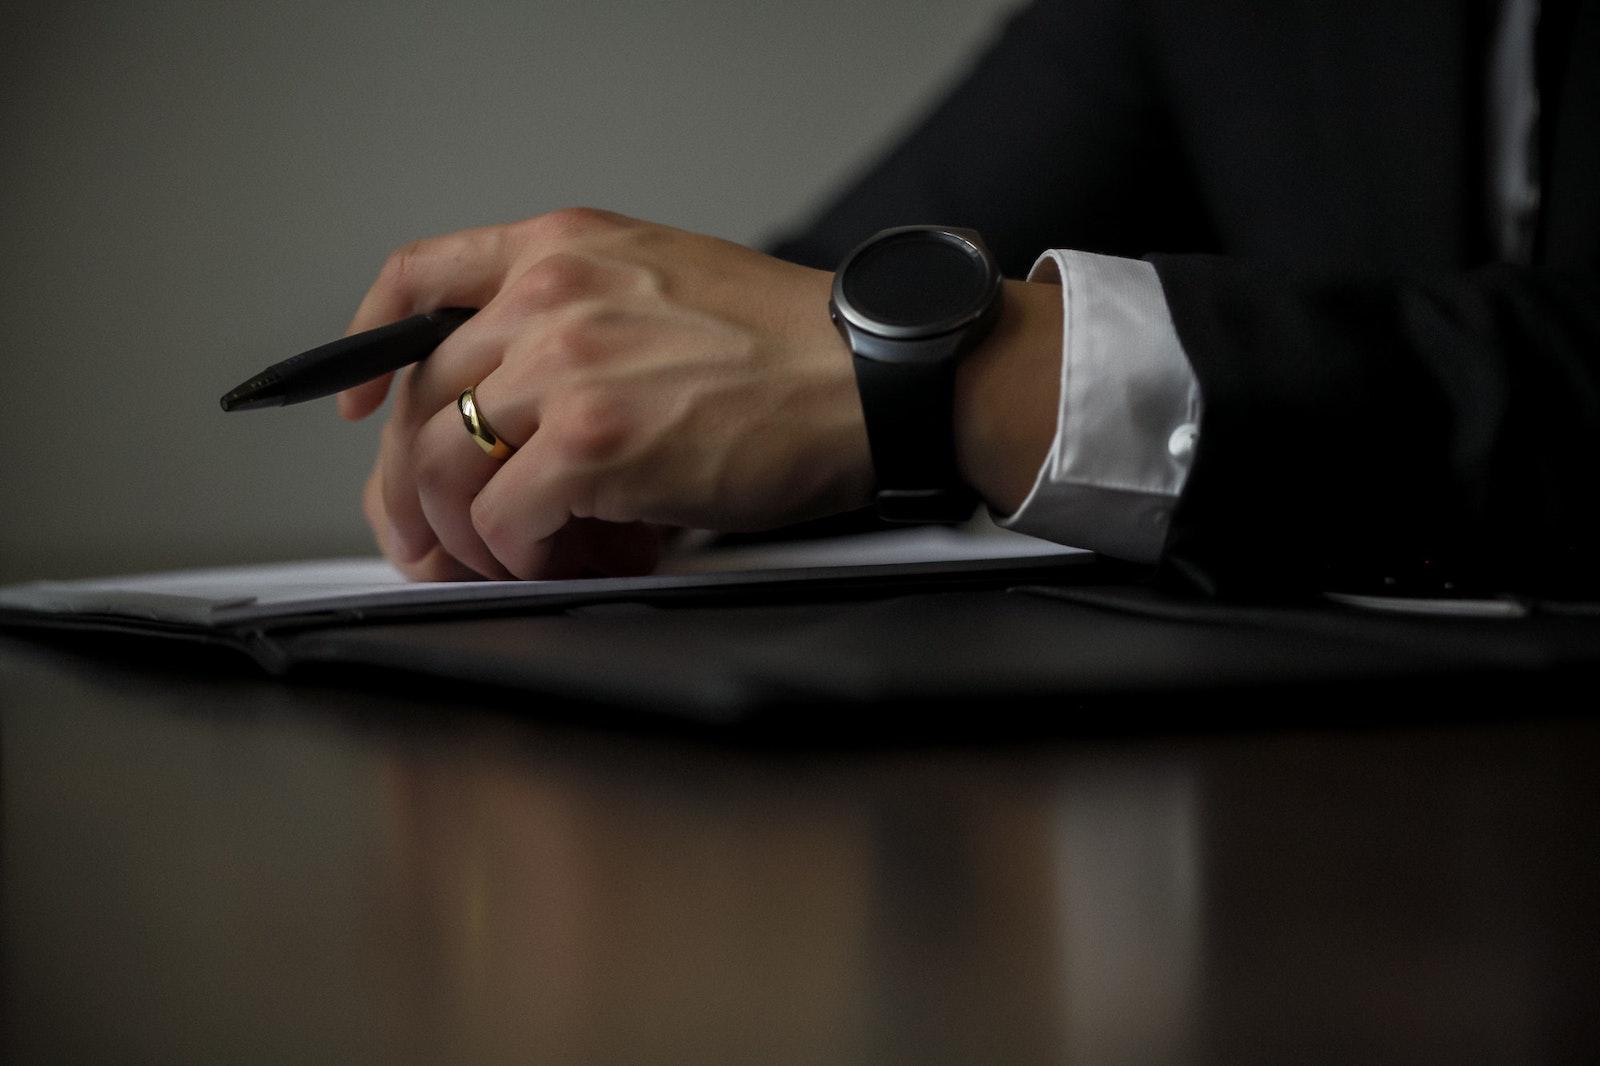 Prestamos asesoramiento jurídico en el área del derecho bancario, concretamente, en las relaciones con bancos, cajas de ahorro y entidades aseguradoras.